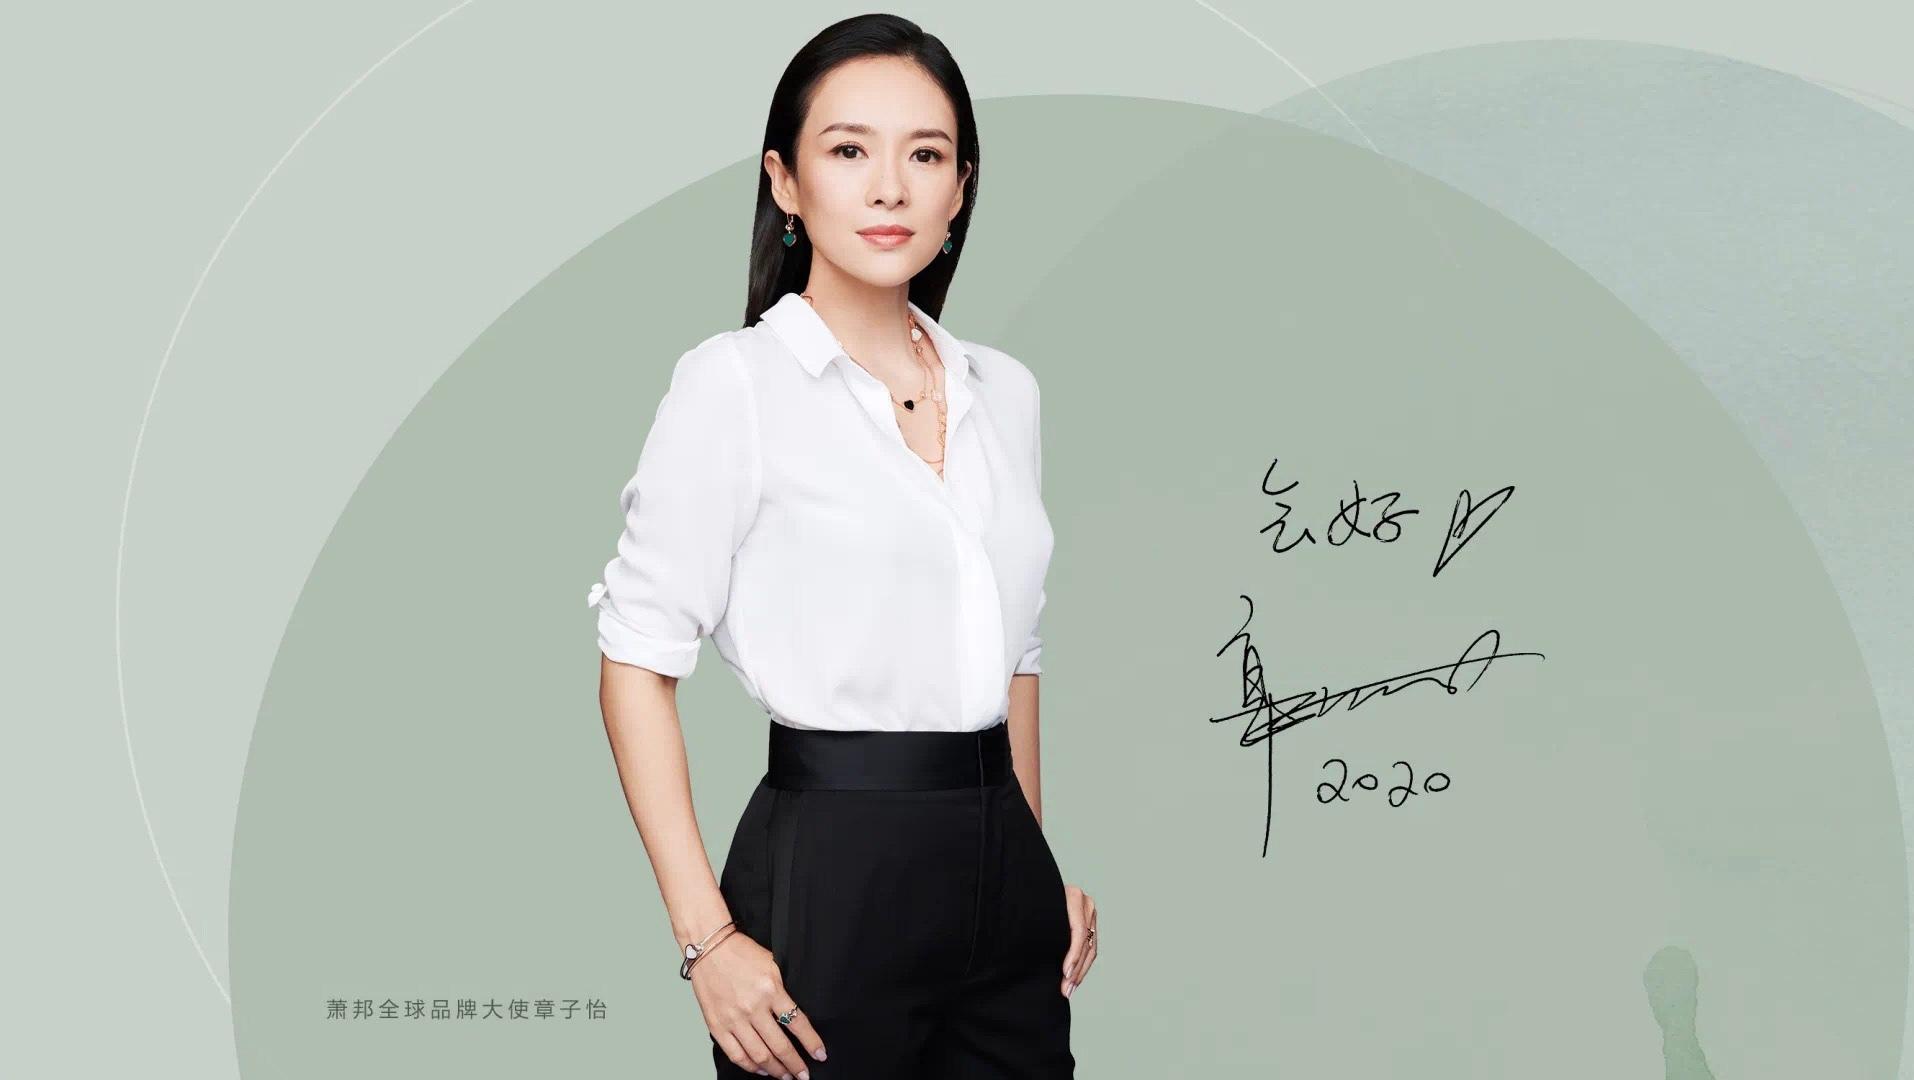 萧邦释出一组品牌物料,章子怡、王源、朱一龙、刘涛亮相